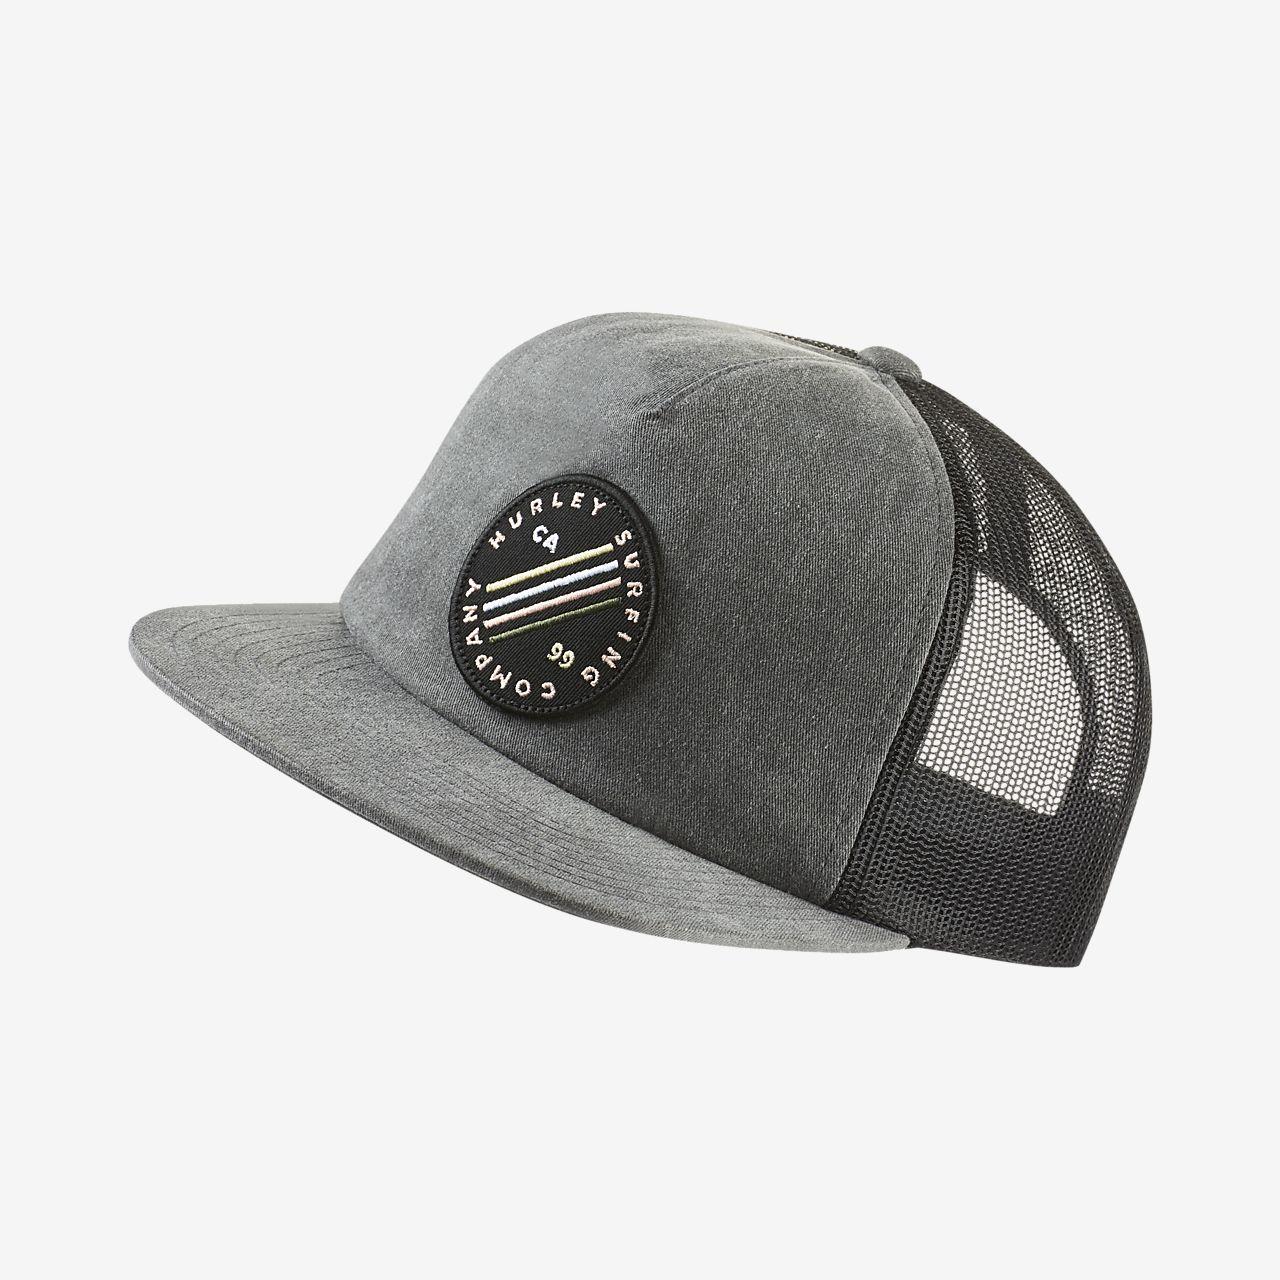 Hurley Sail Bait Gorra - Hombre. Nike.com ES 25003288fd6